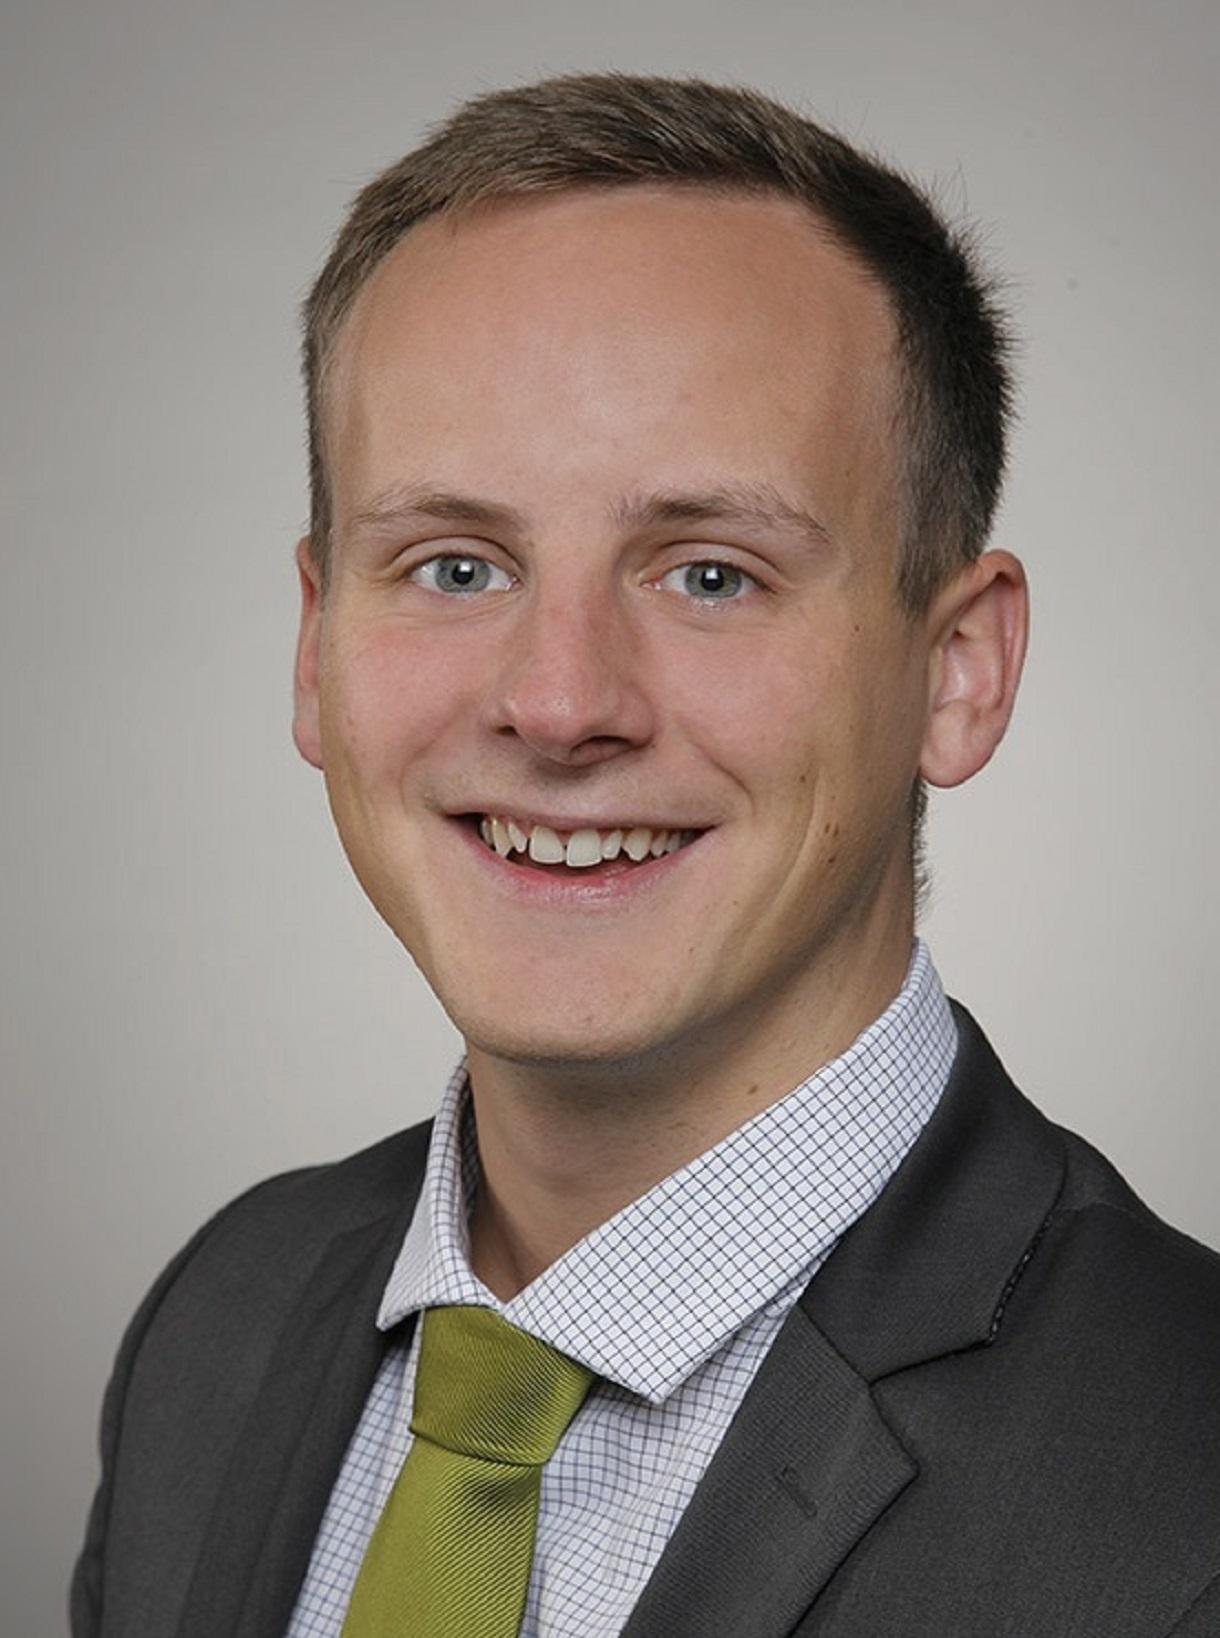 M. Sc. David Schneider